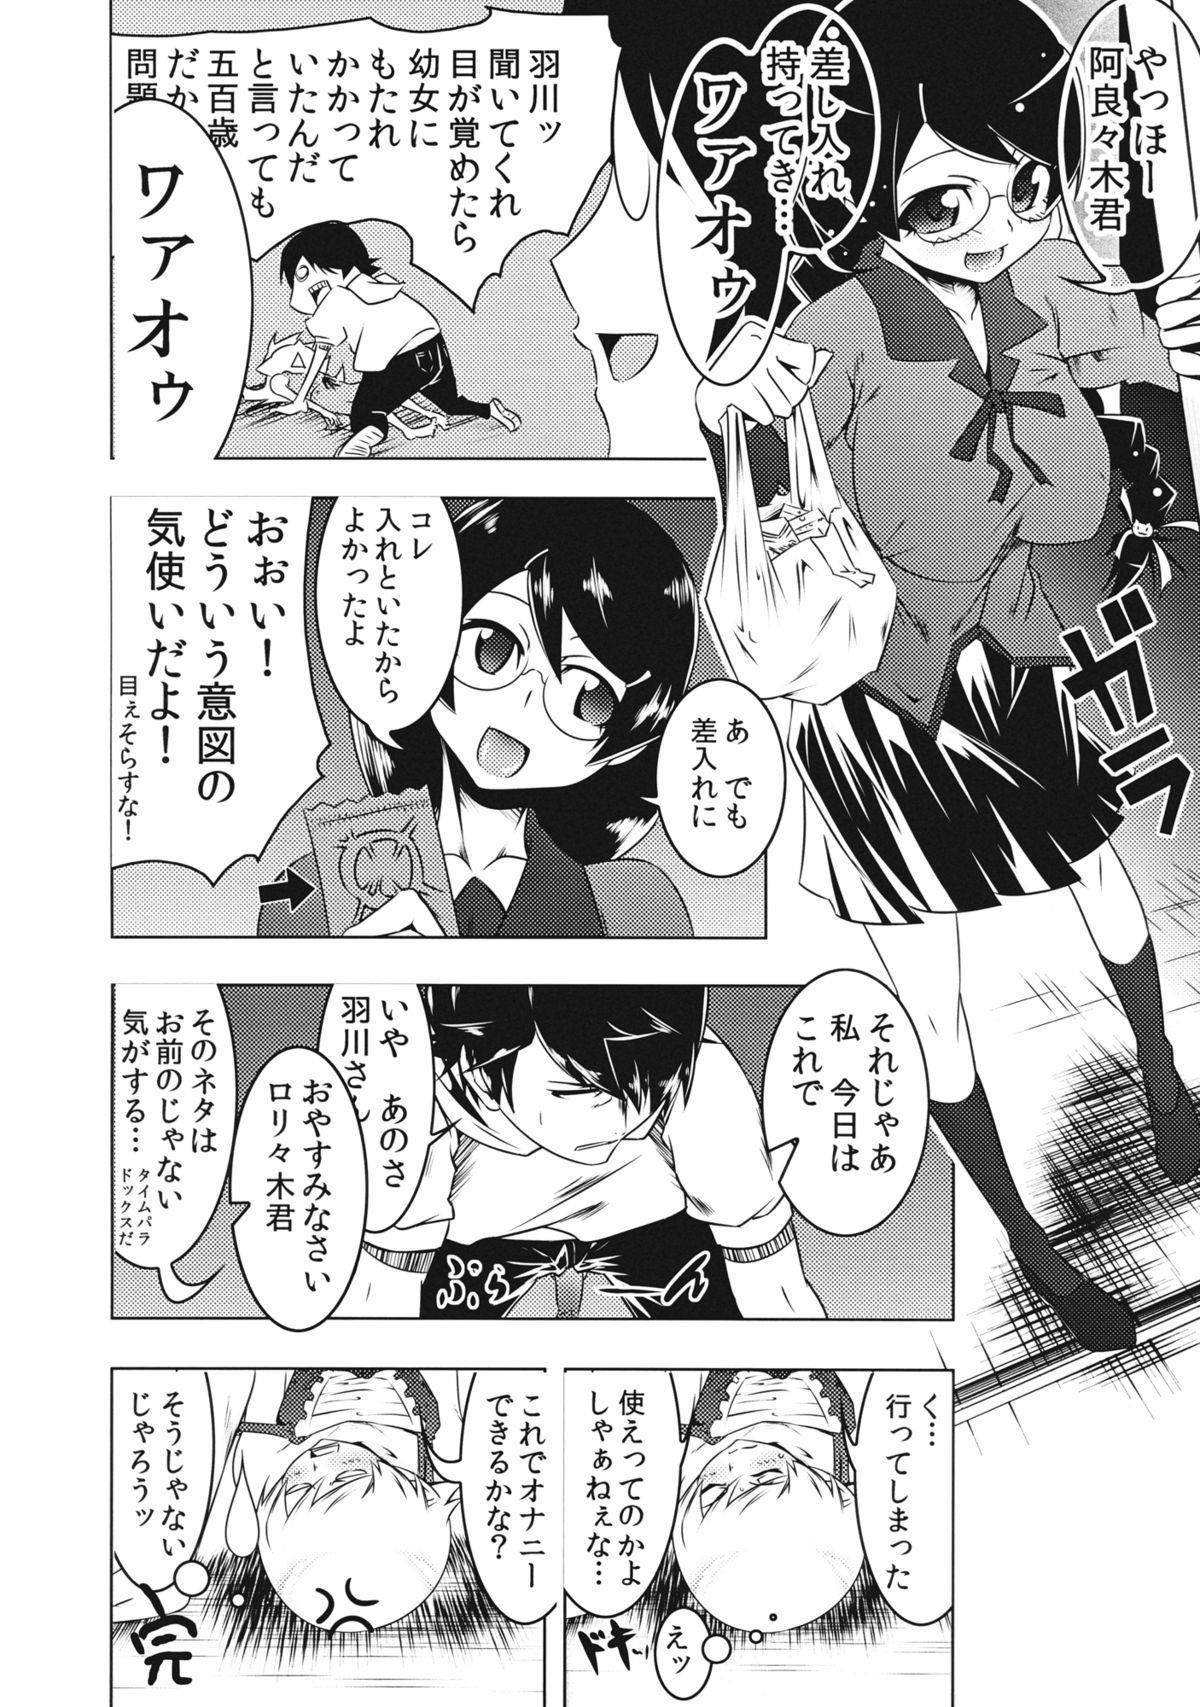 Zokumonogatari 23